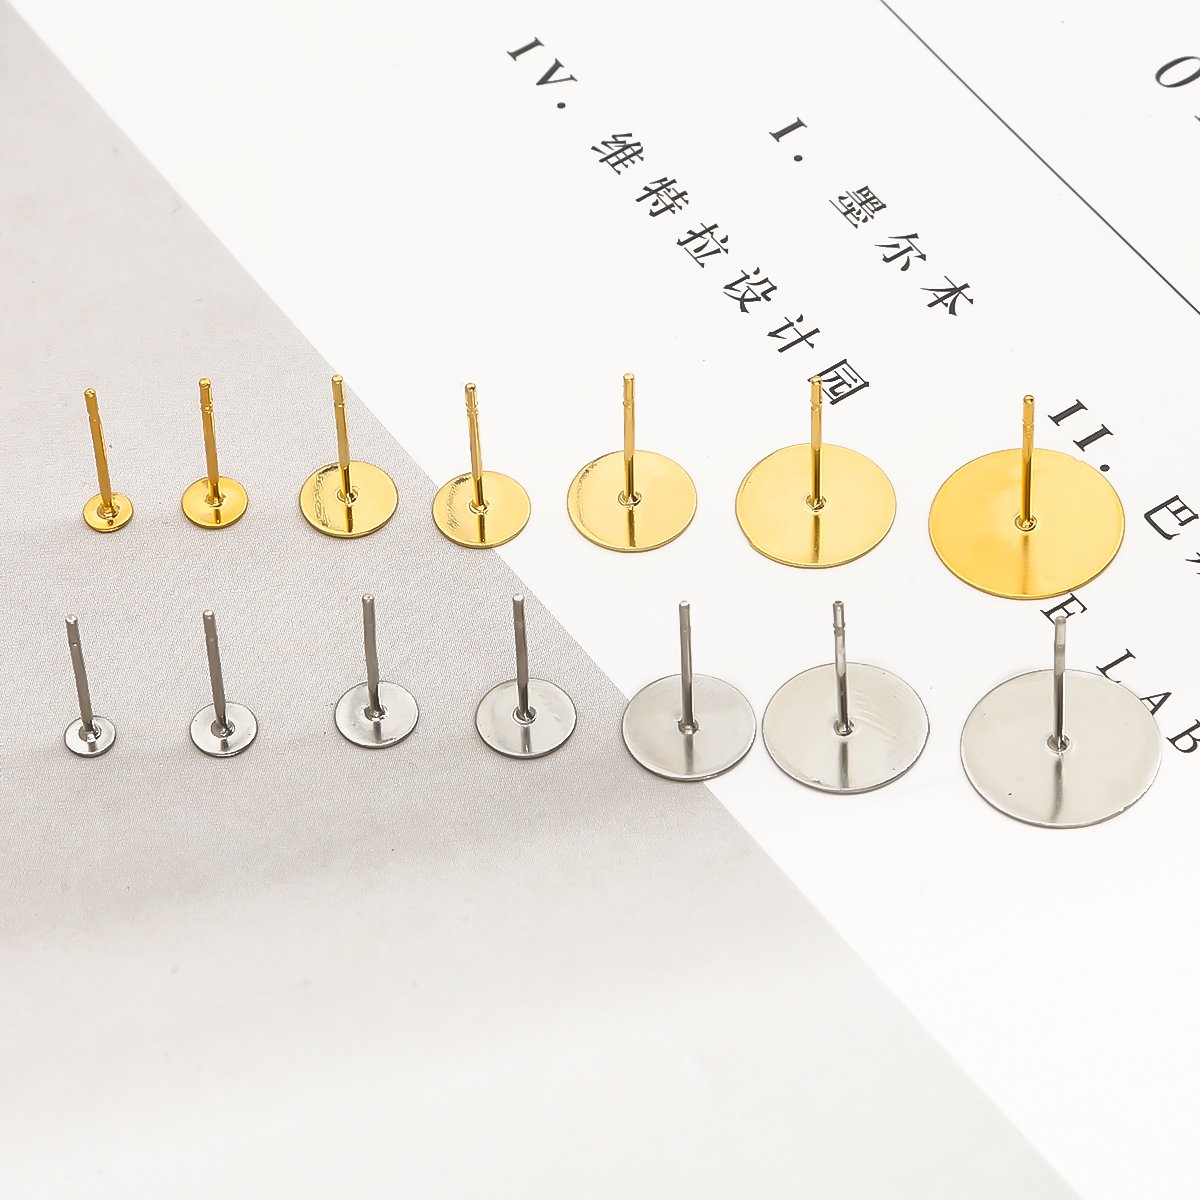 Пустая основа для сережек-гвоздиков из нержавеющей стали для кабошона размером 3, 4, 5, 6, 8, 12 мм, 100 шт., аксессуары для изготовления ювелирных и...